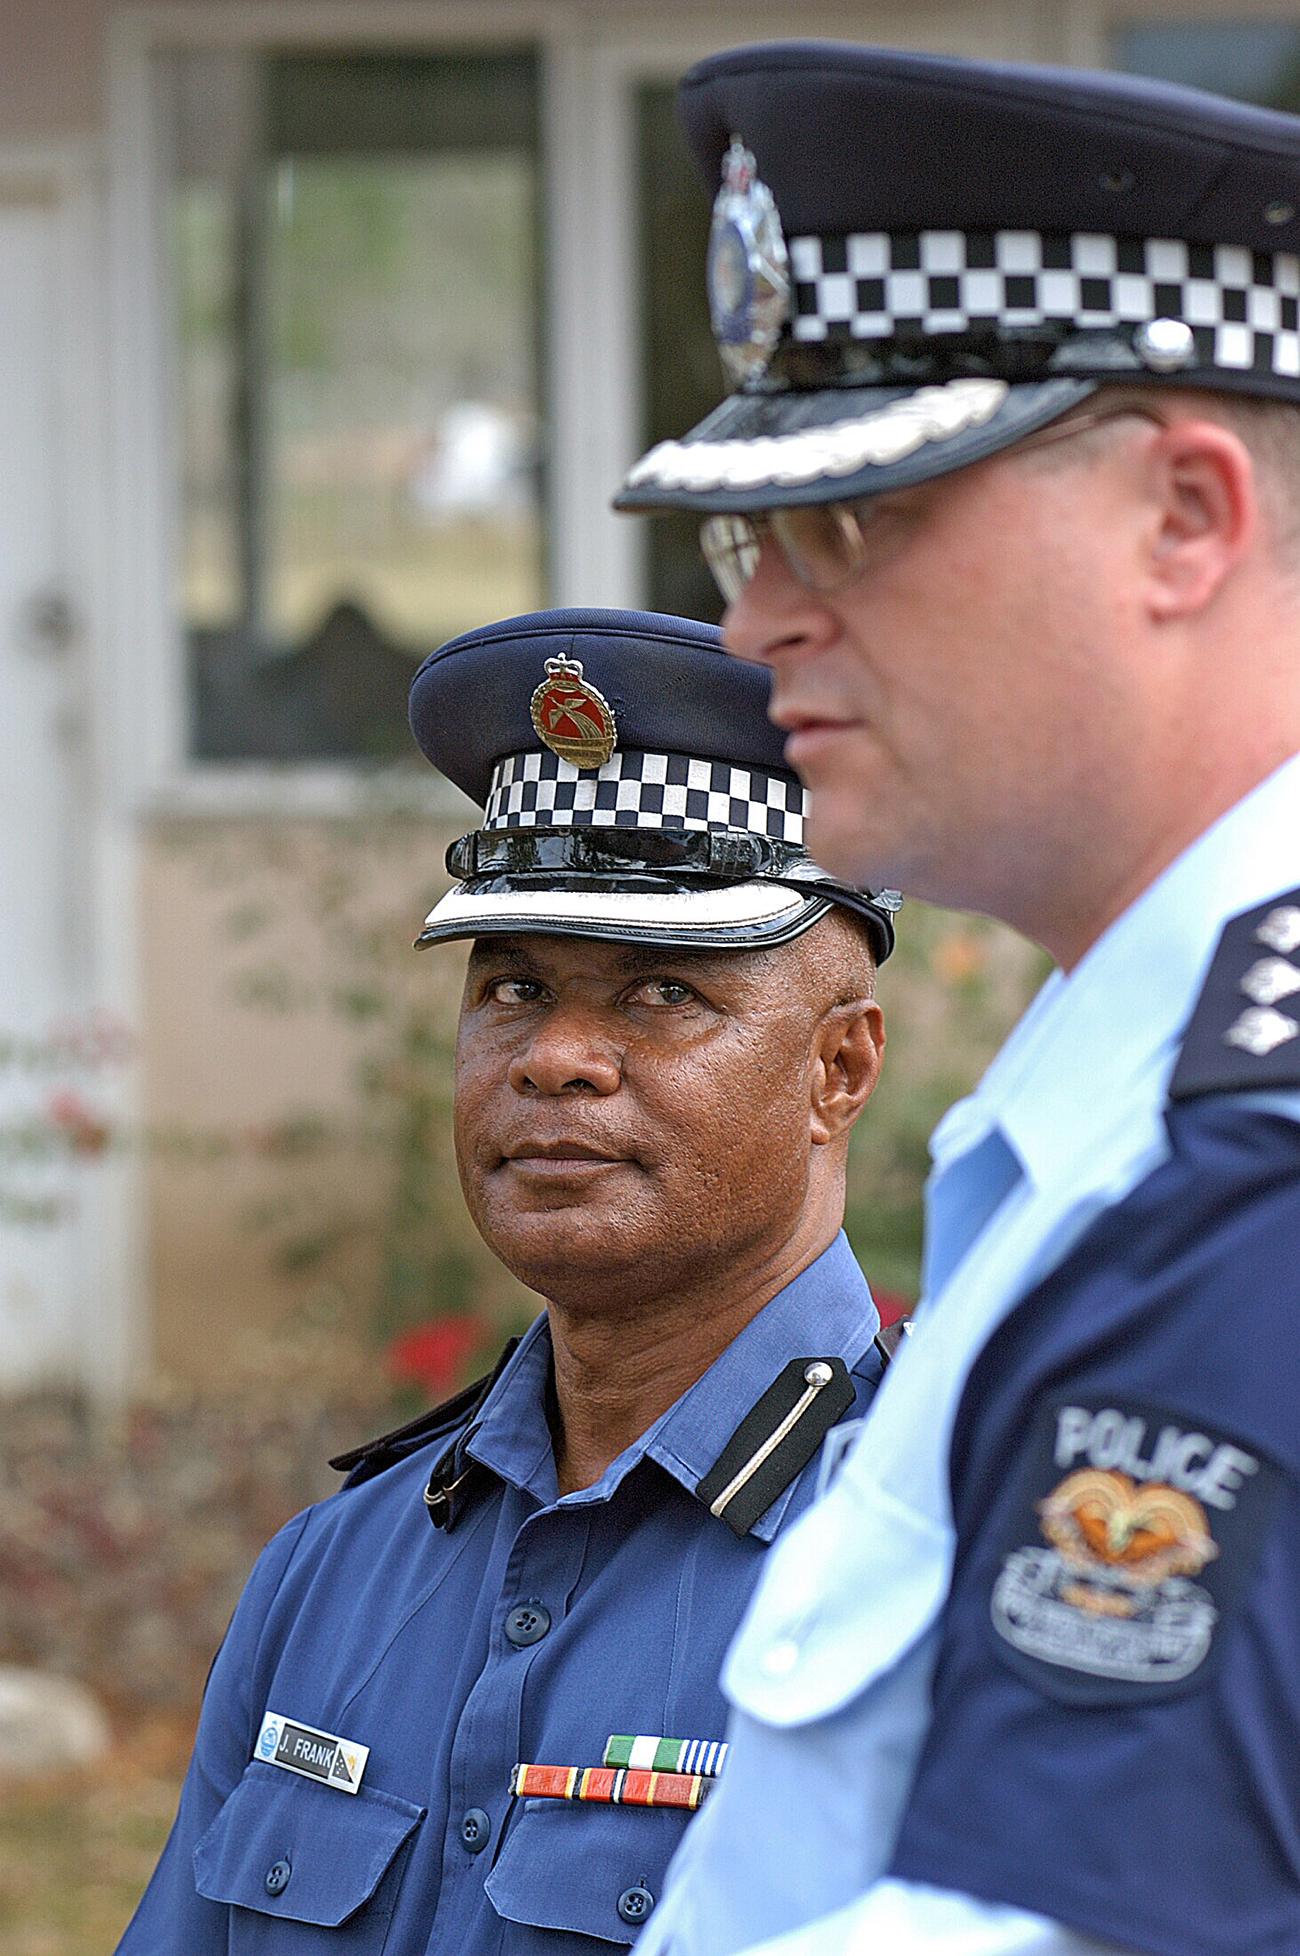 Les policiers papous s'arrêtent entre eux